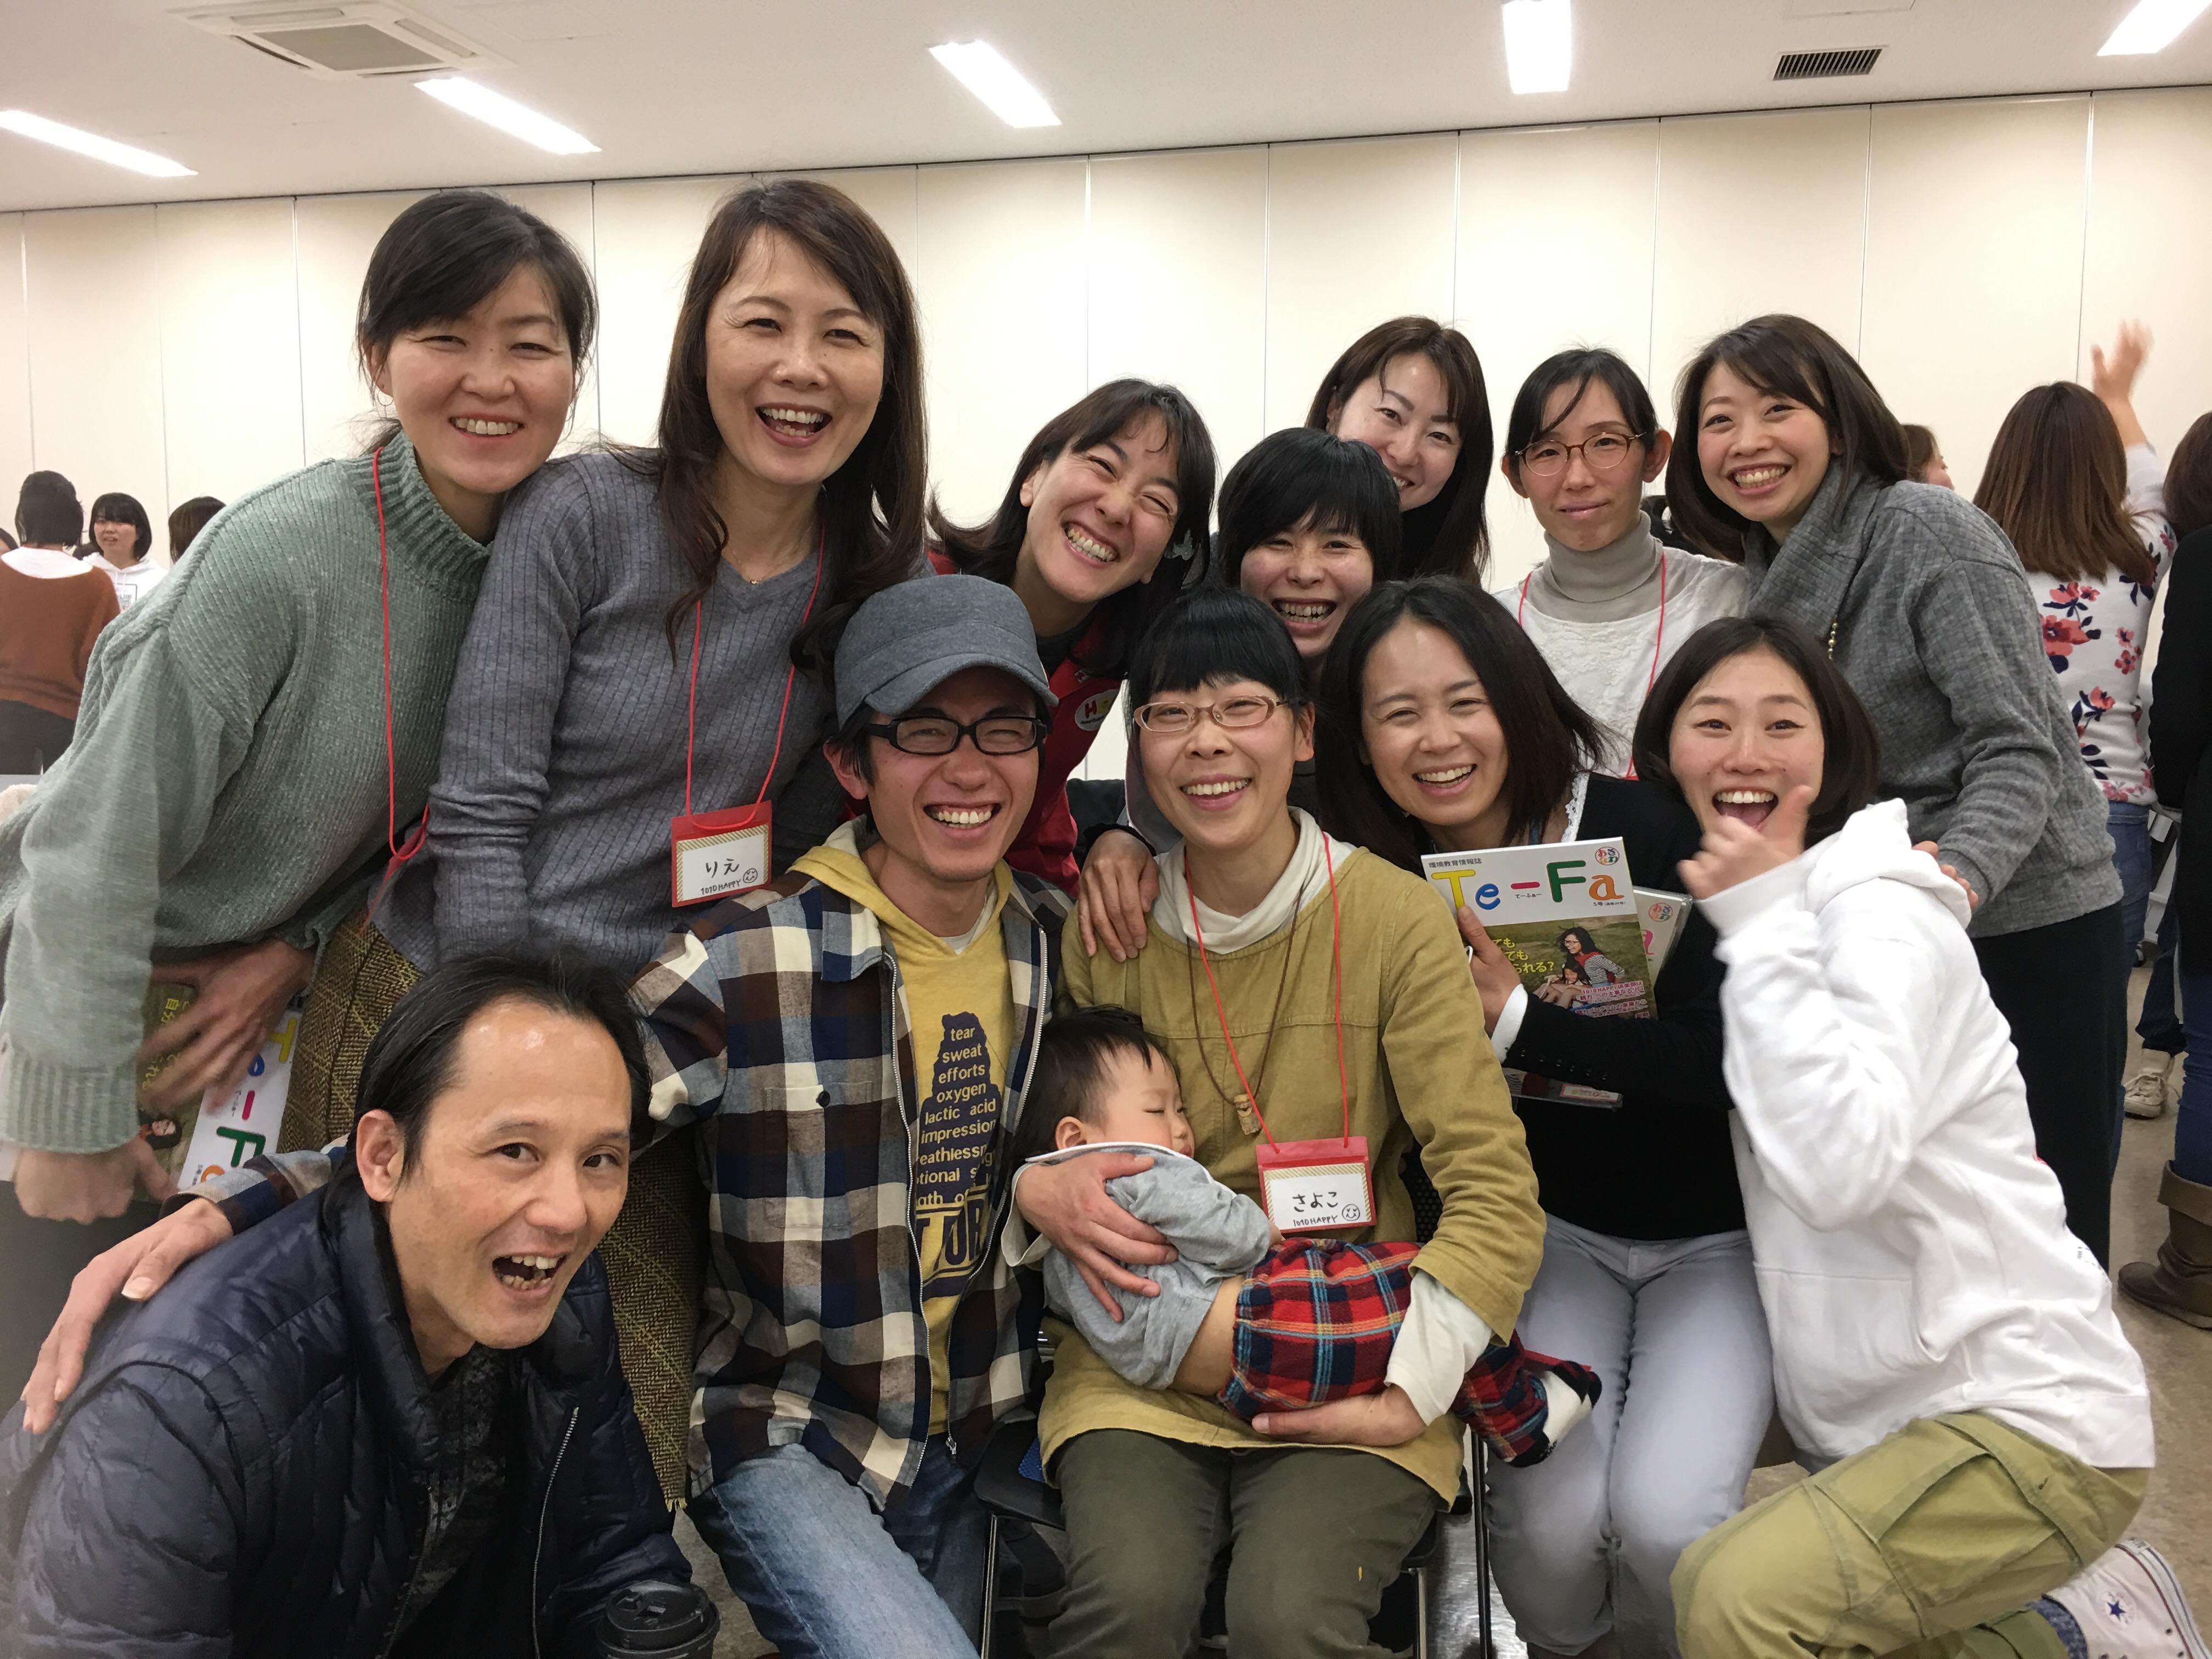 2018/2/27 1010HAPPY藤沢クラス Cグループ  ①魂に響いたお話 ②感想